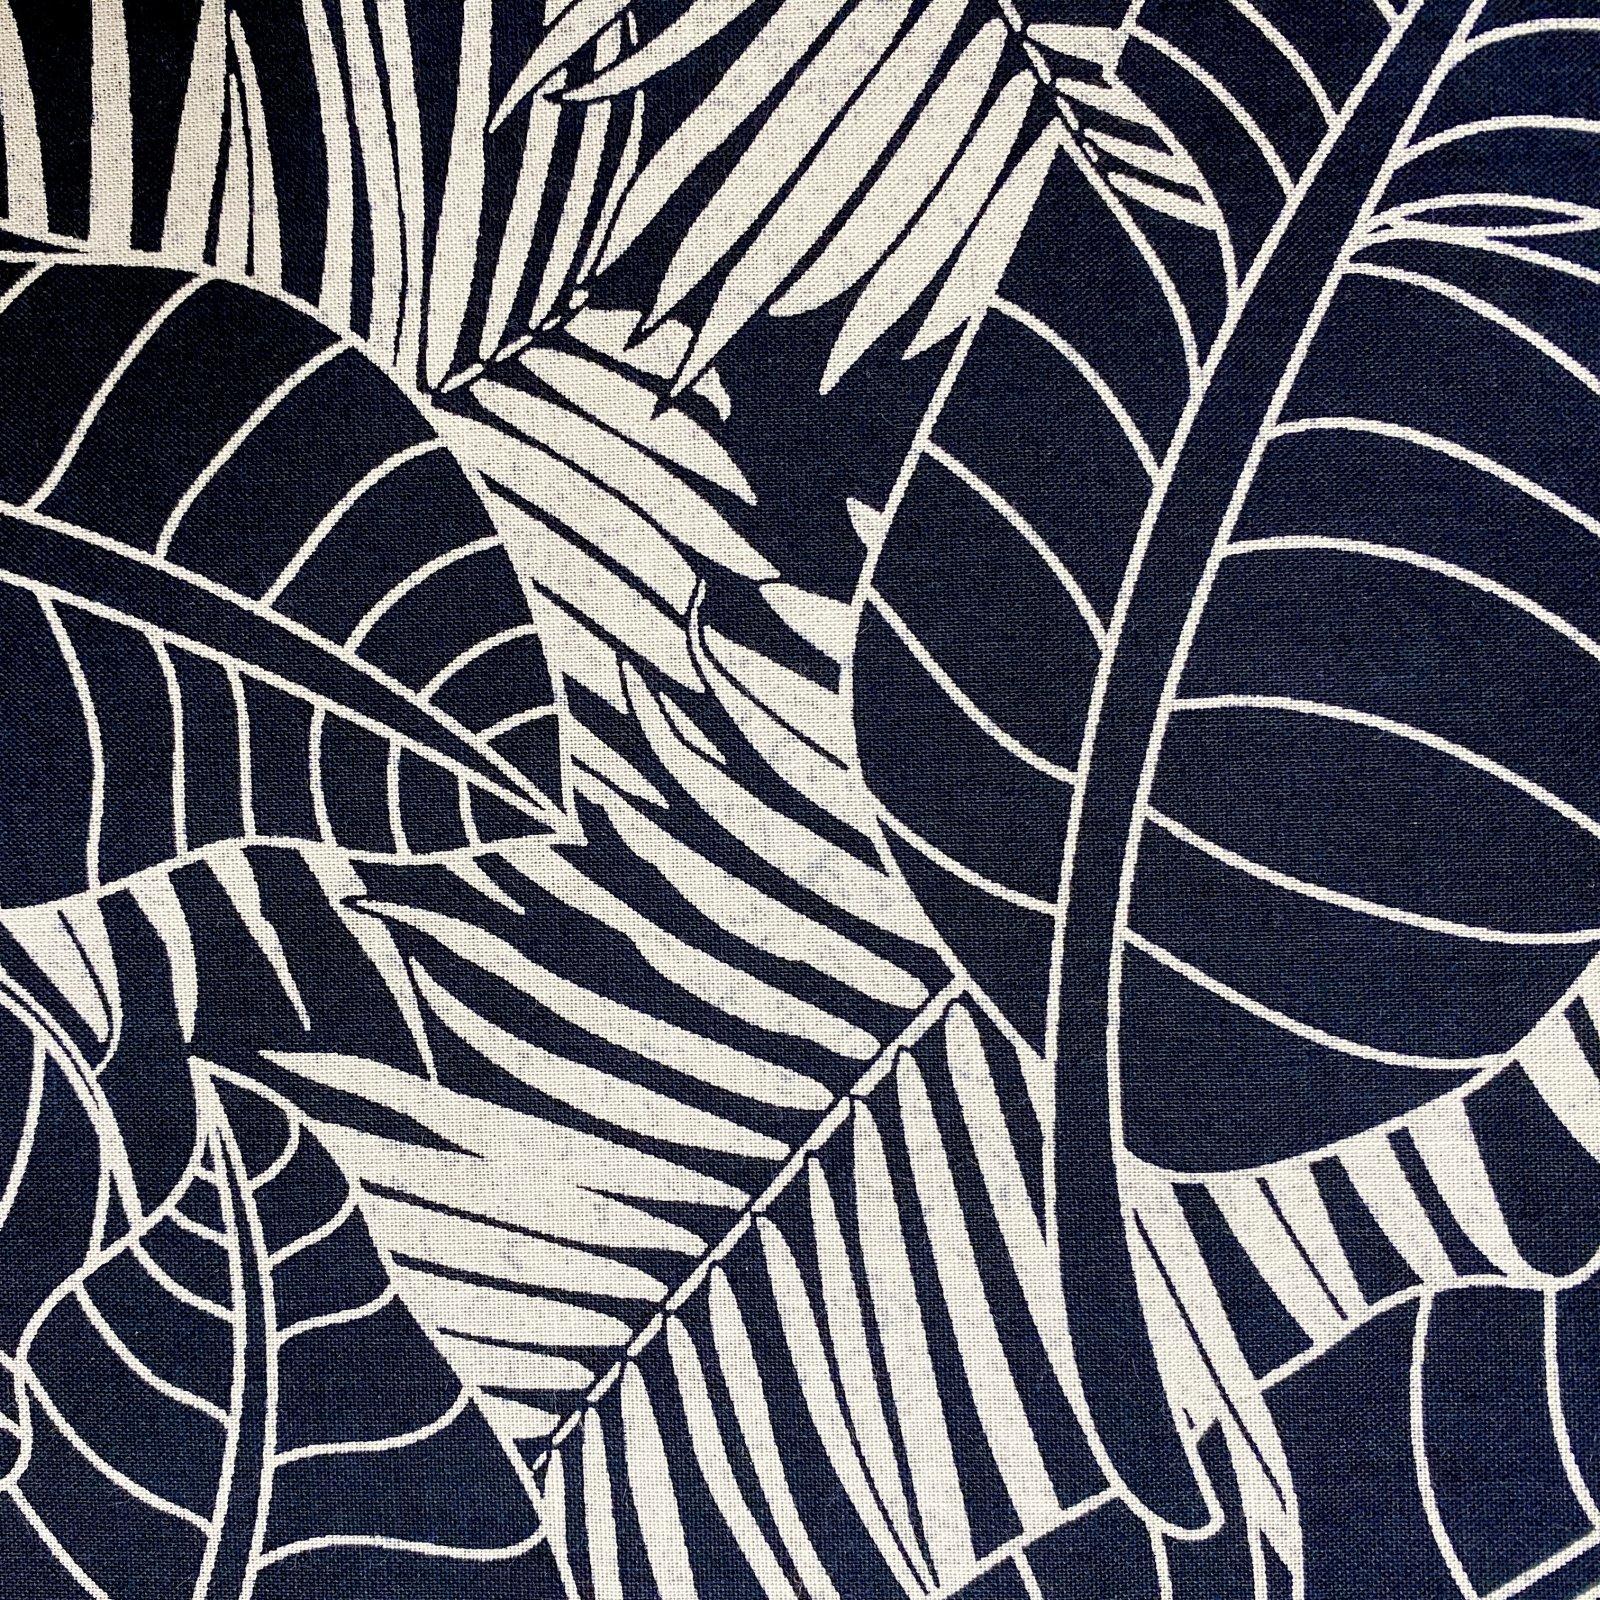 Indigo Blues - Fern Leaves